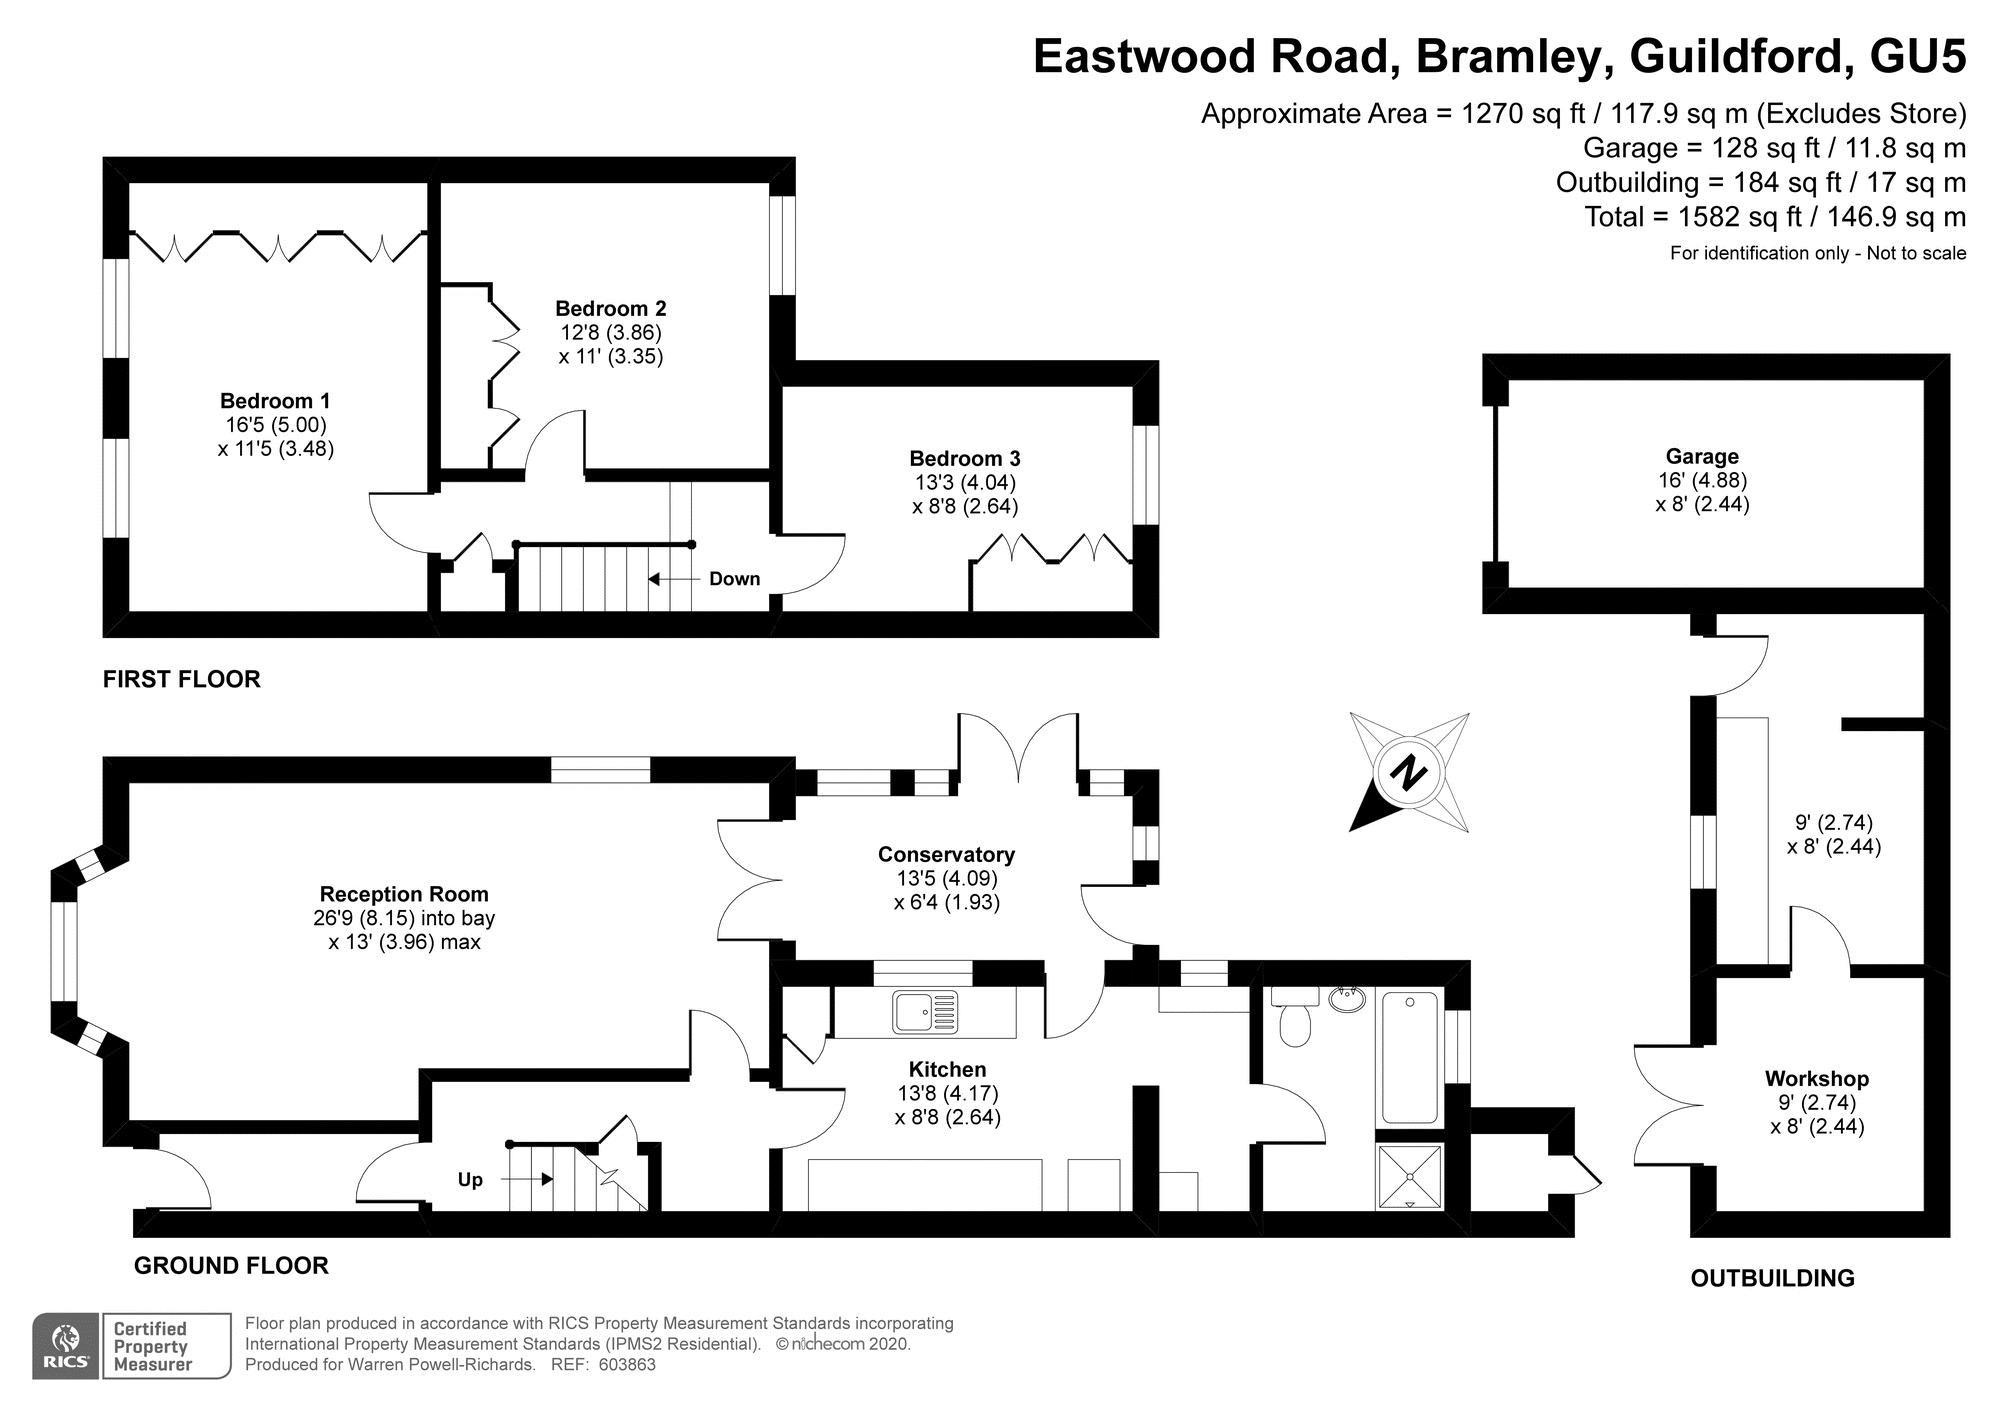 Eastwood Road Bramley